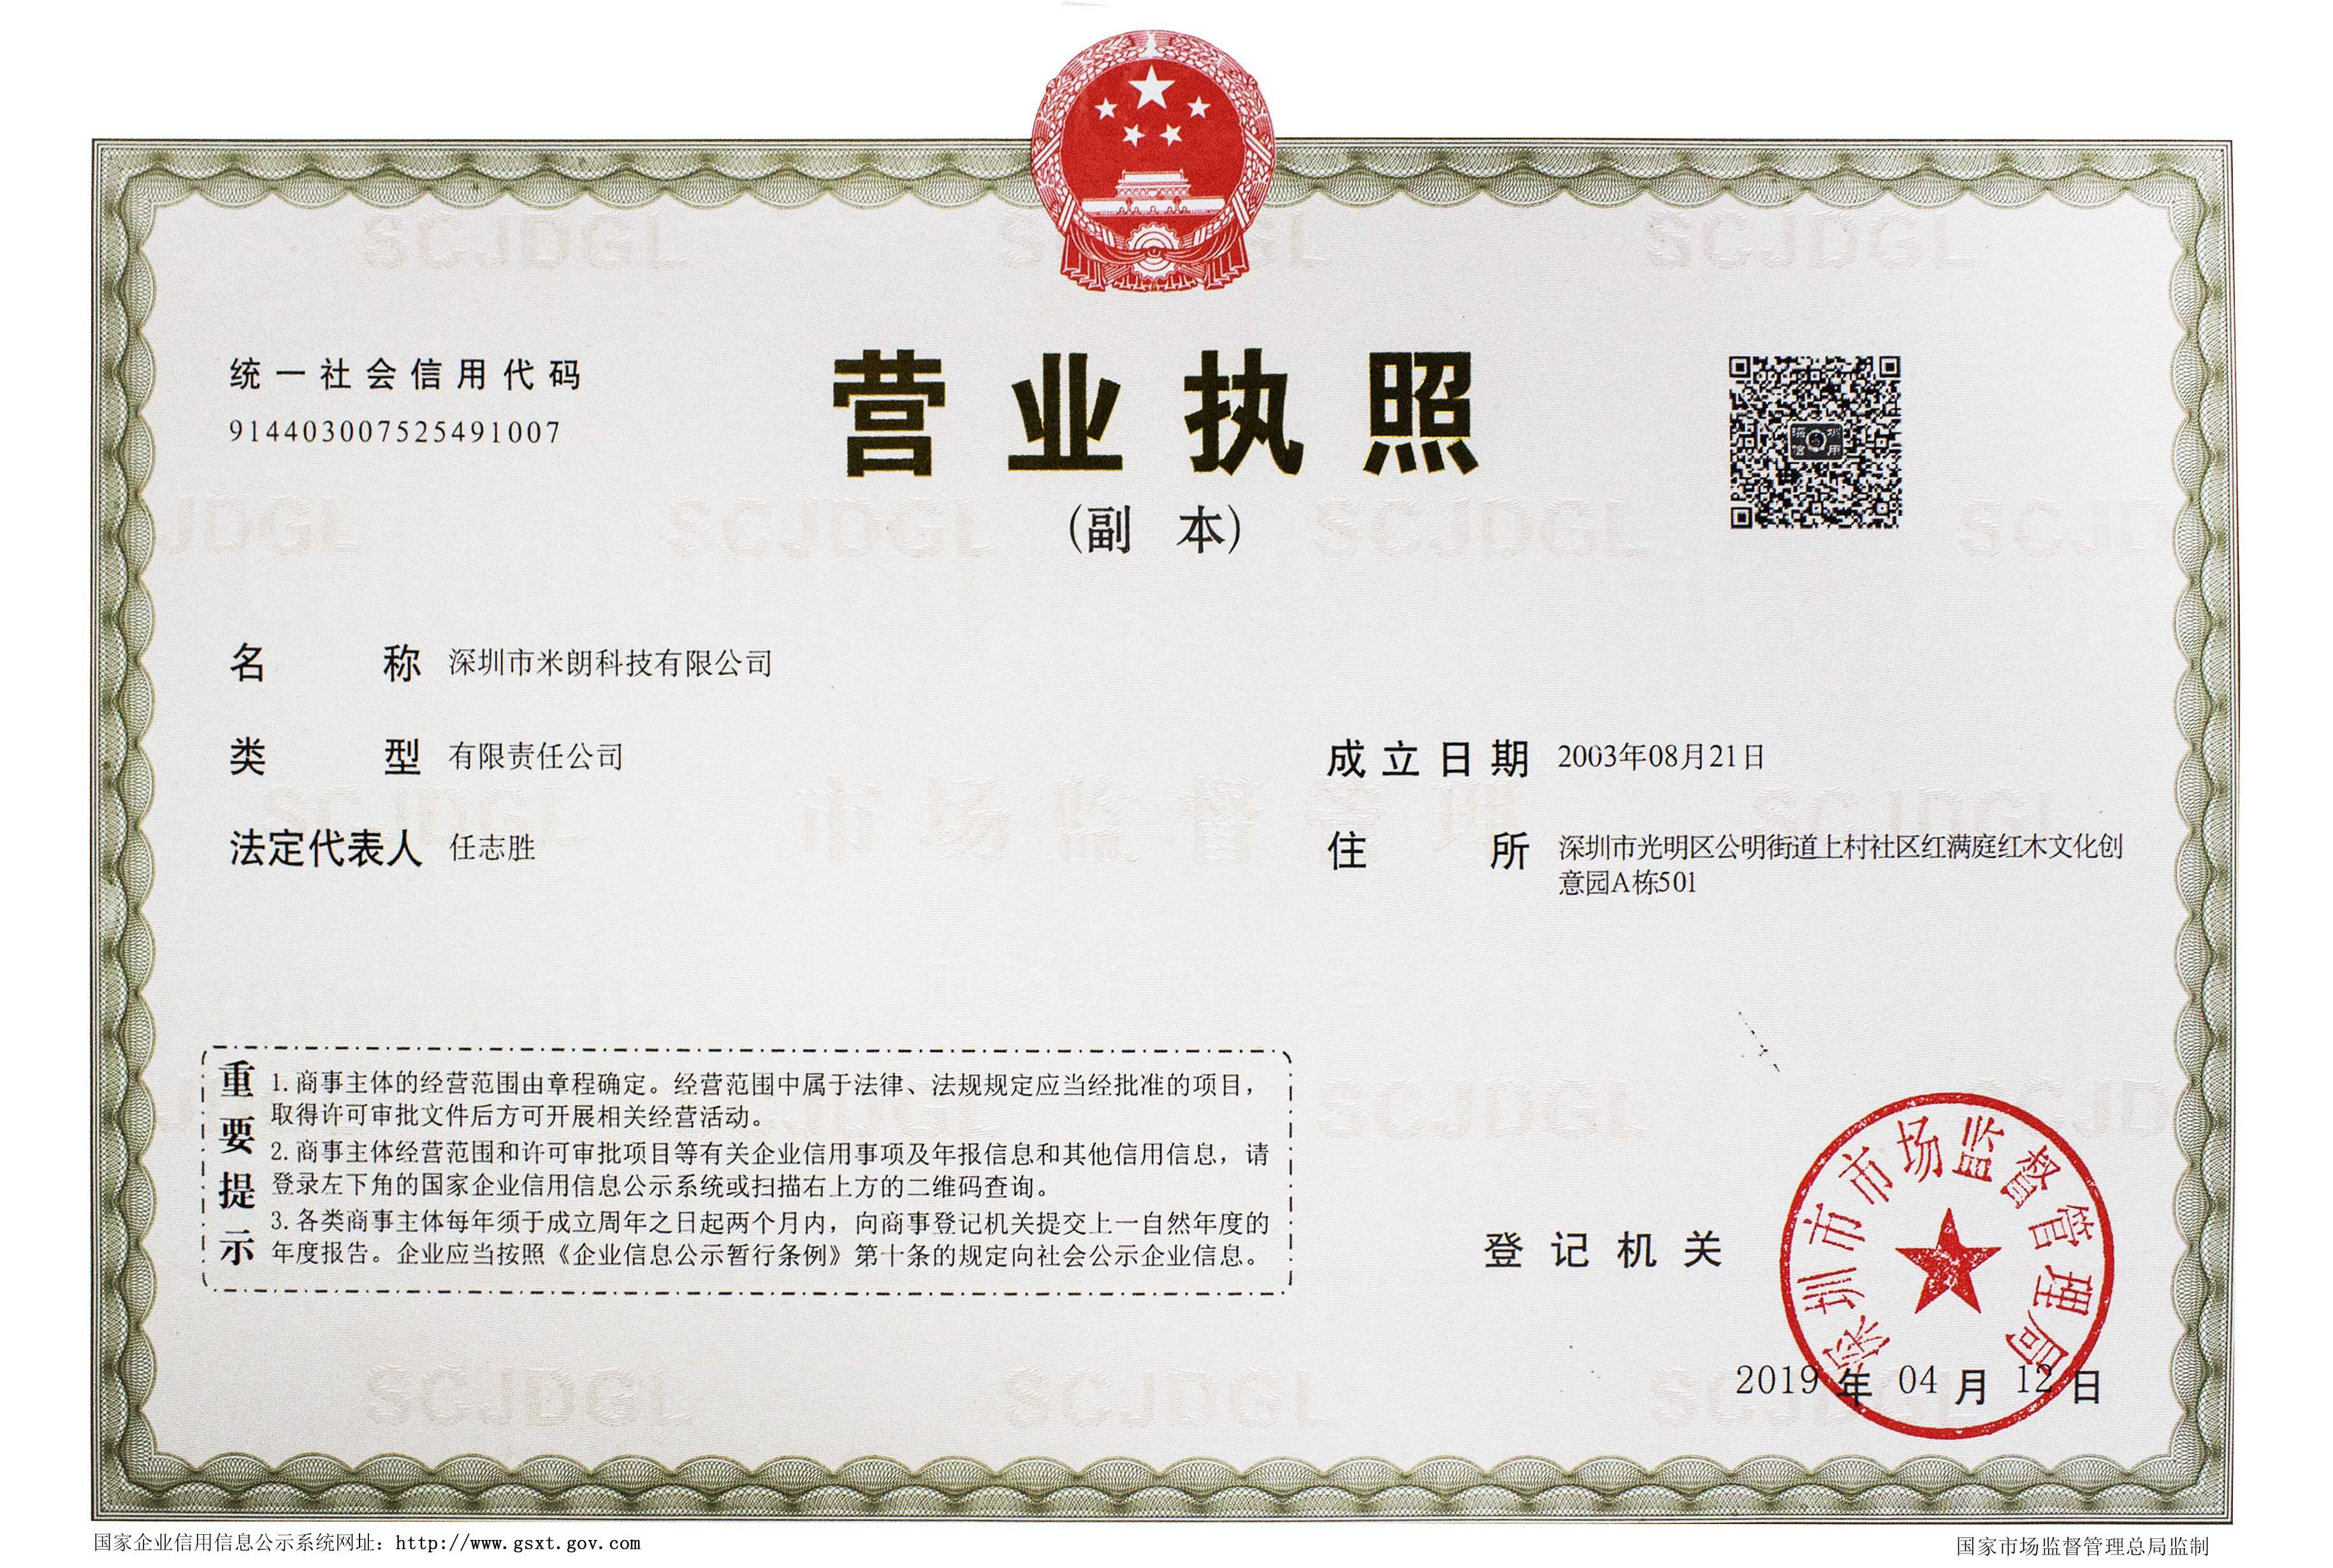 深圳★秋葵视频APP官方公司营业执照